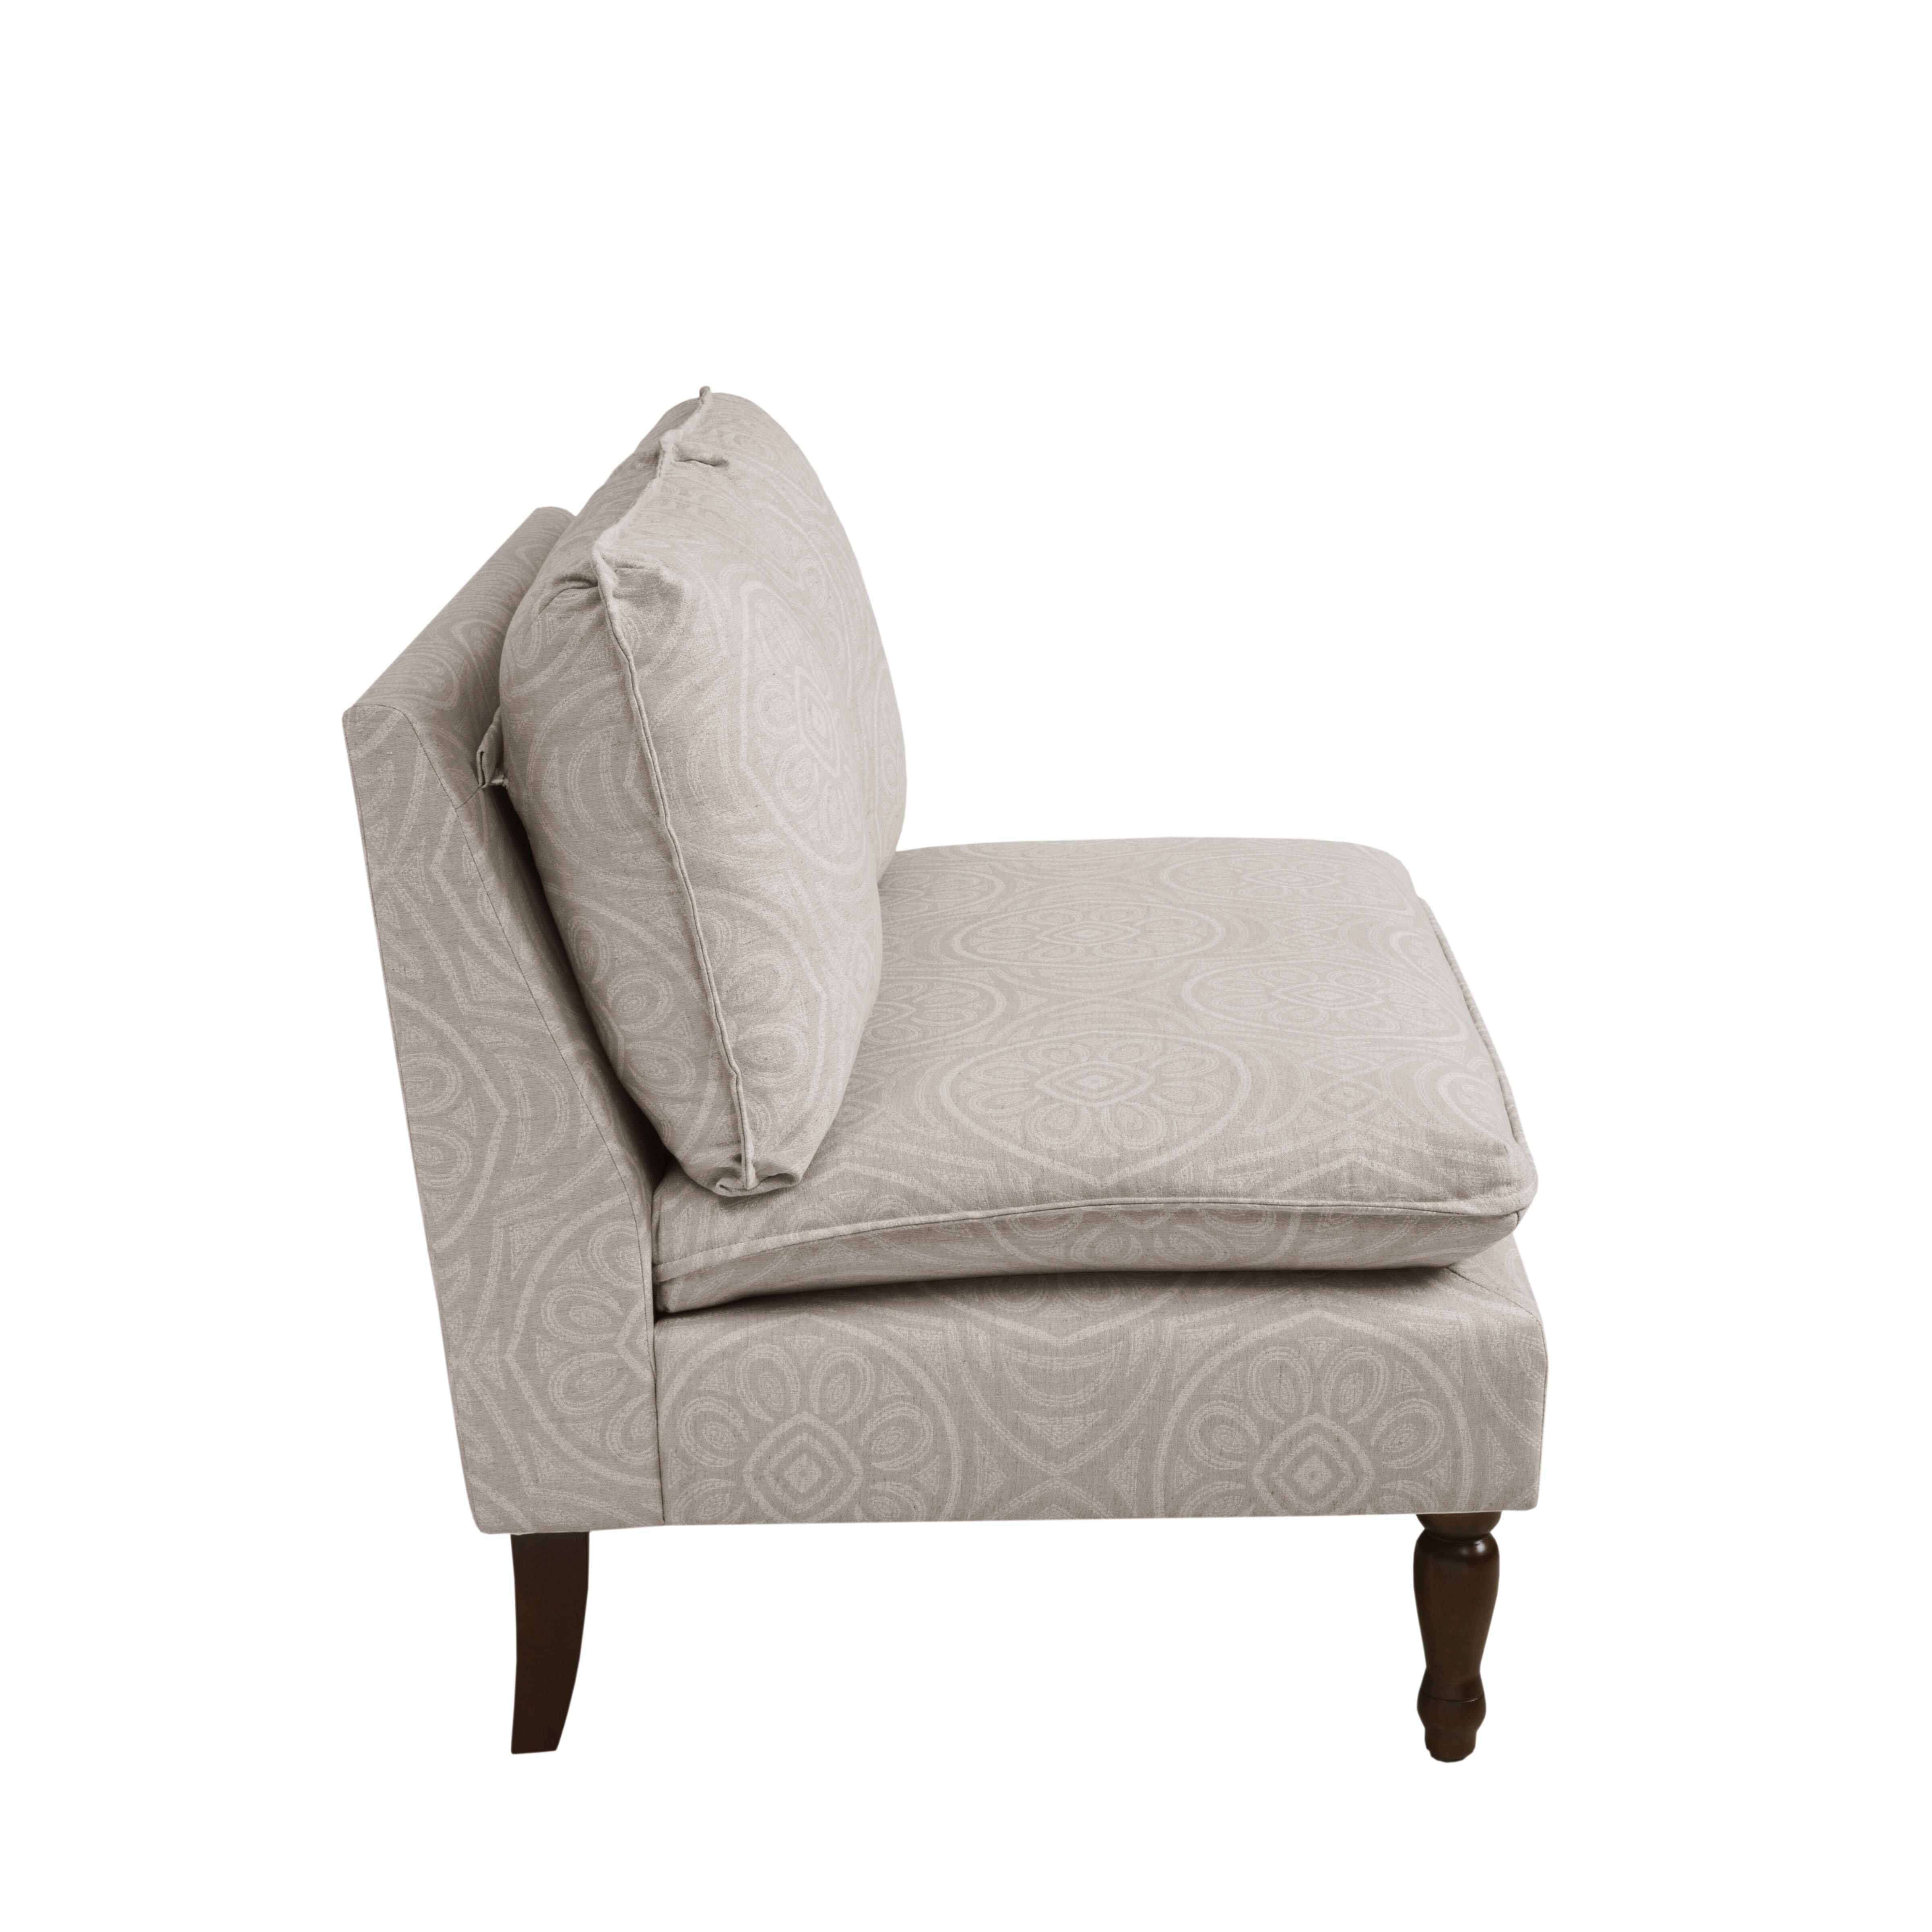 Wayfair Modern Pillow : Madison Park Kipling Modern Pillow Top Floral Settee & Reviews Wayfair